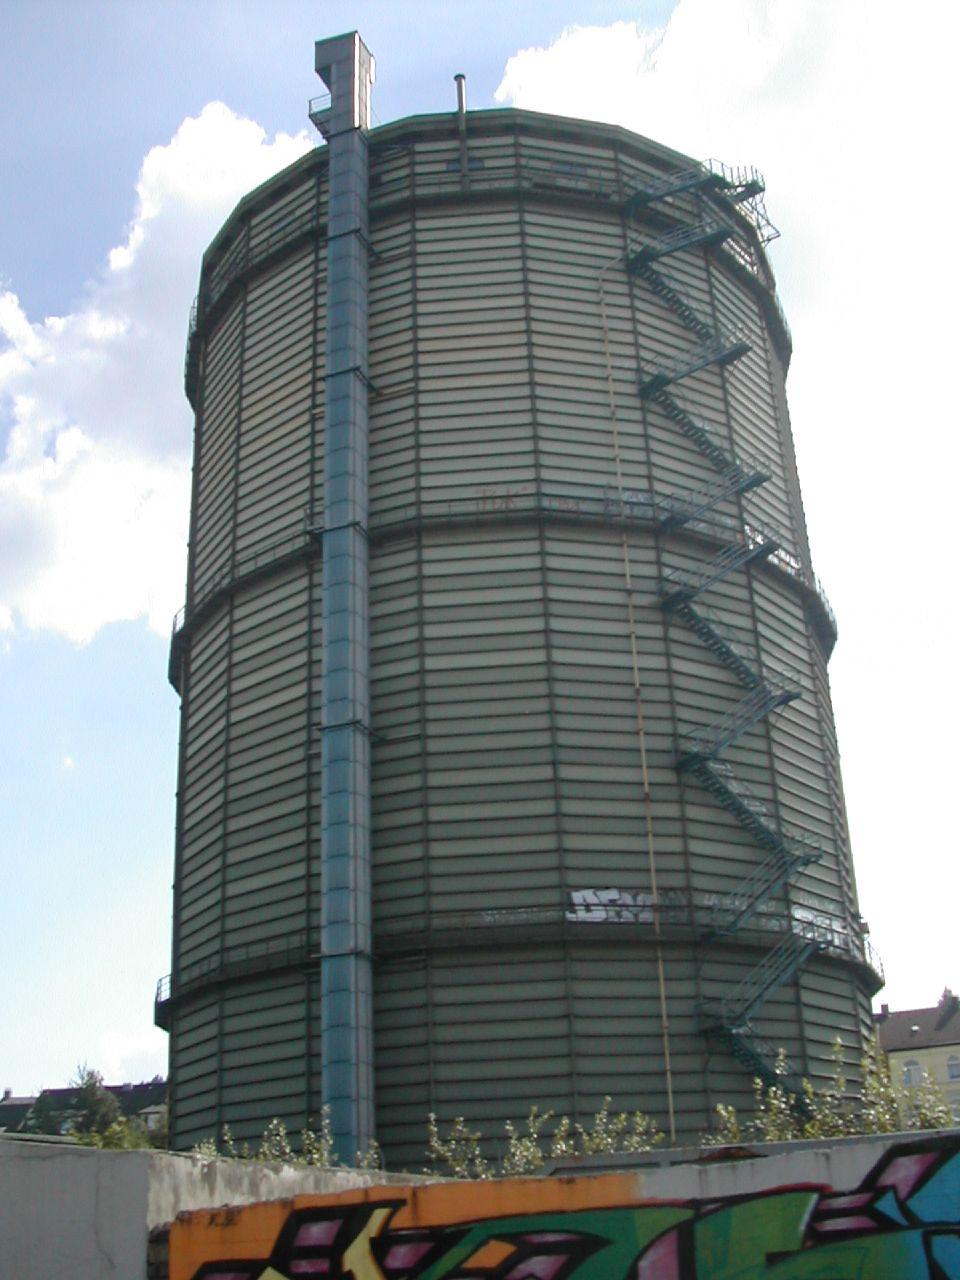 Gasbehälter Heckinghausen – Wikipedia